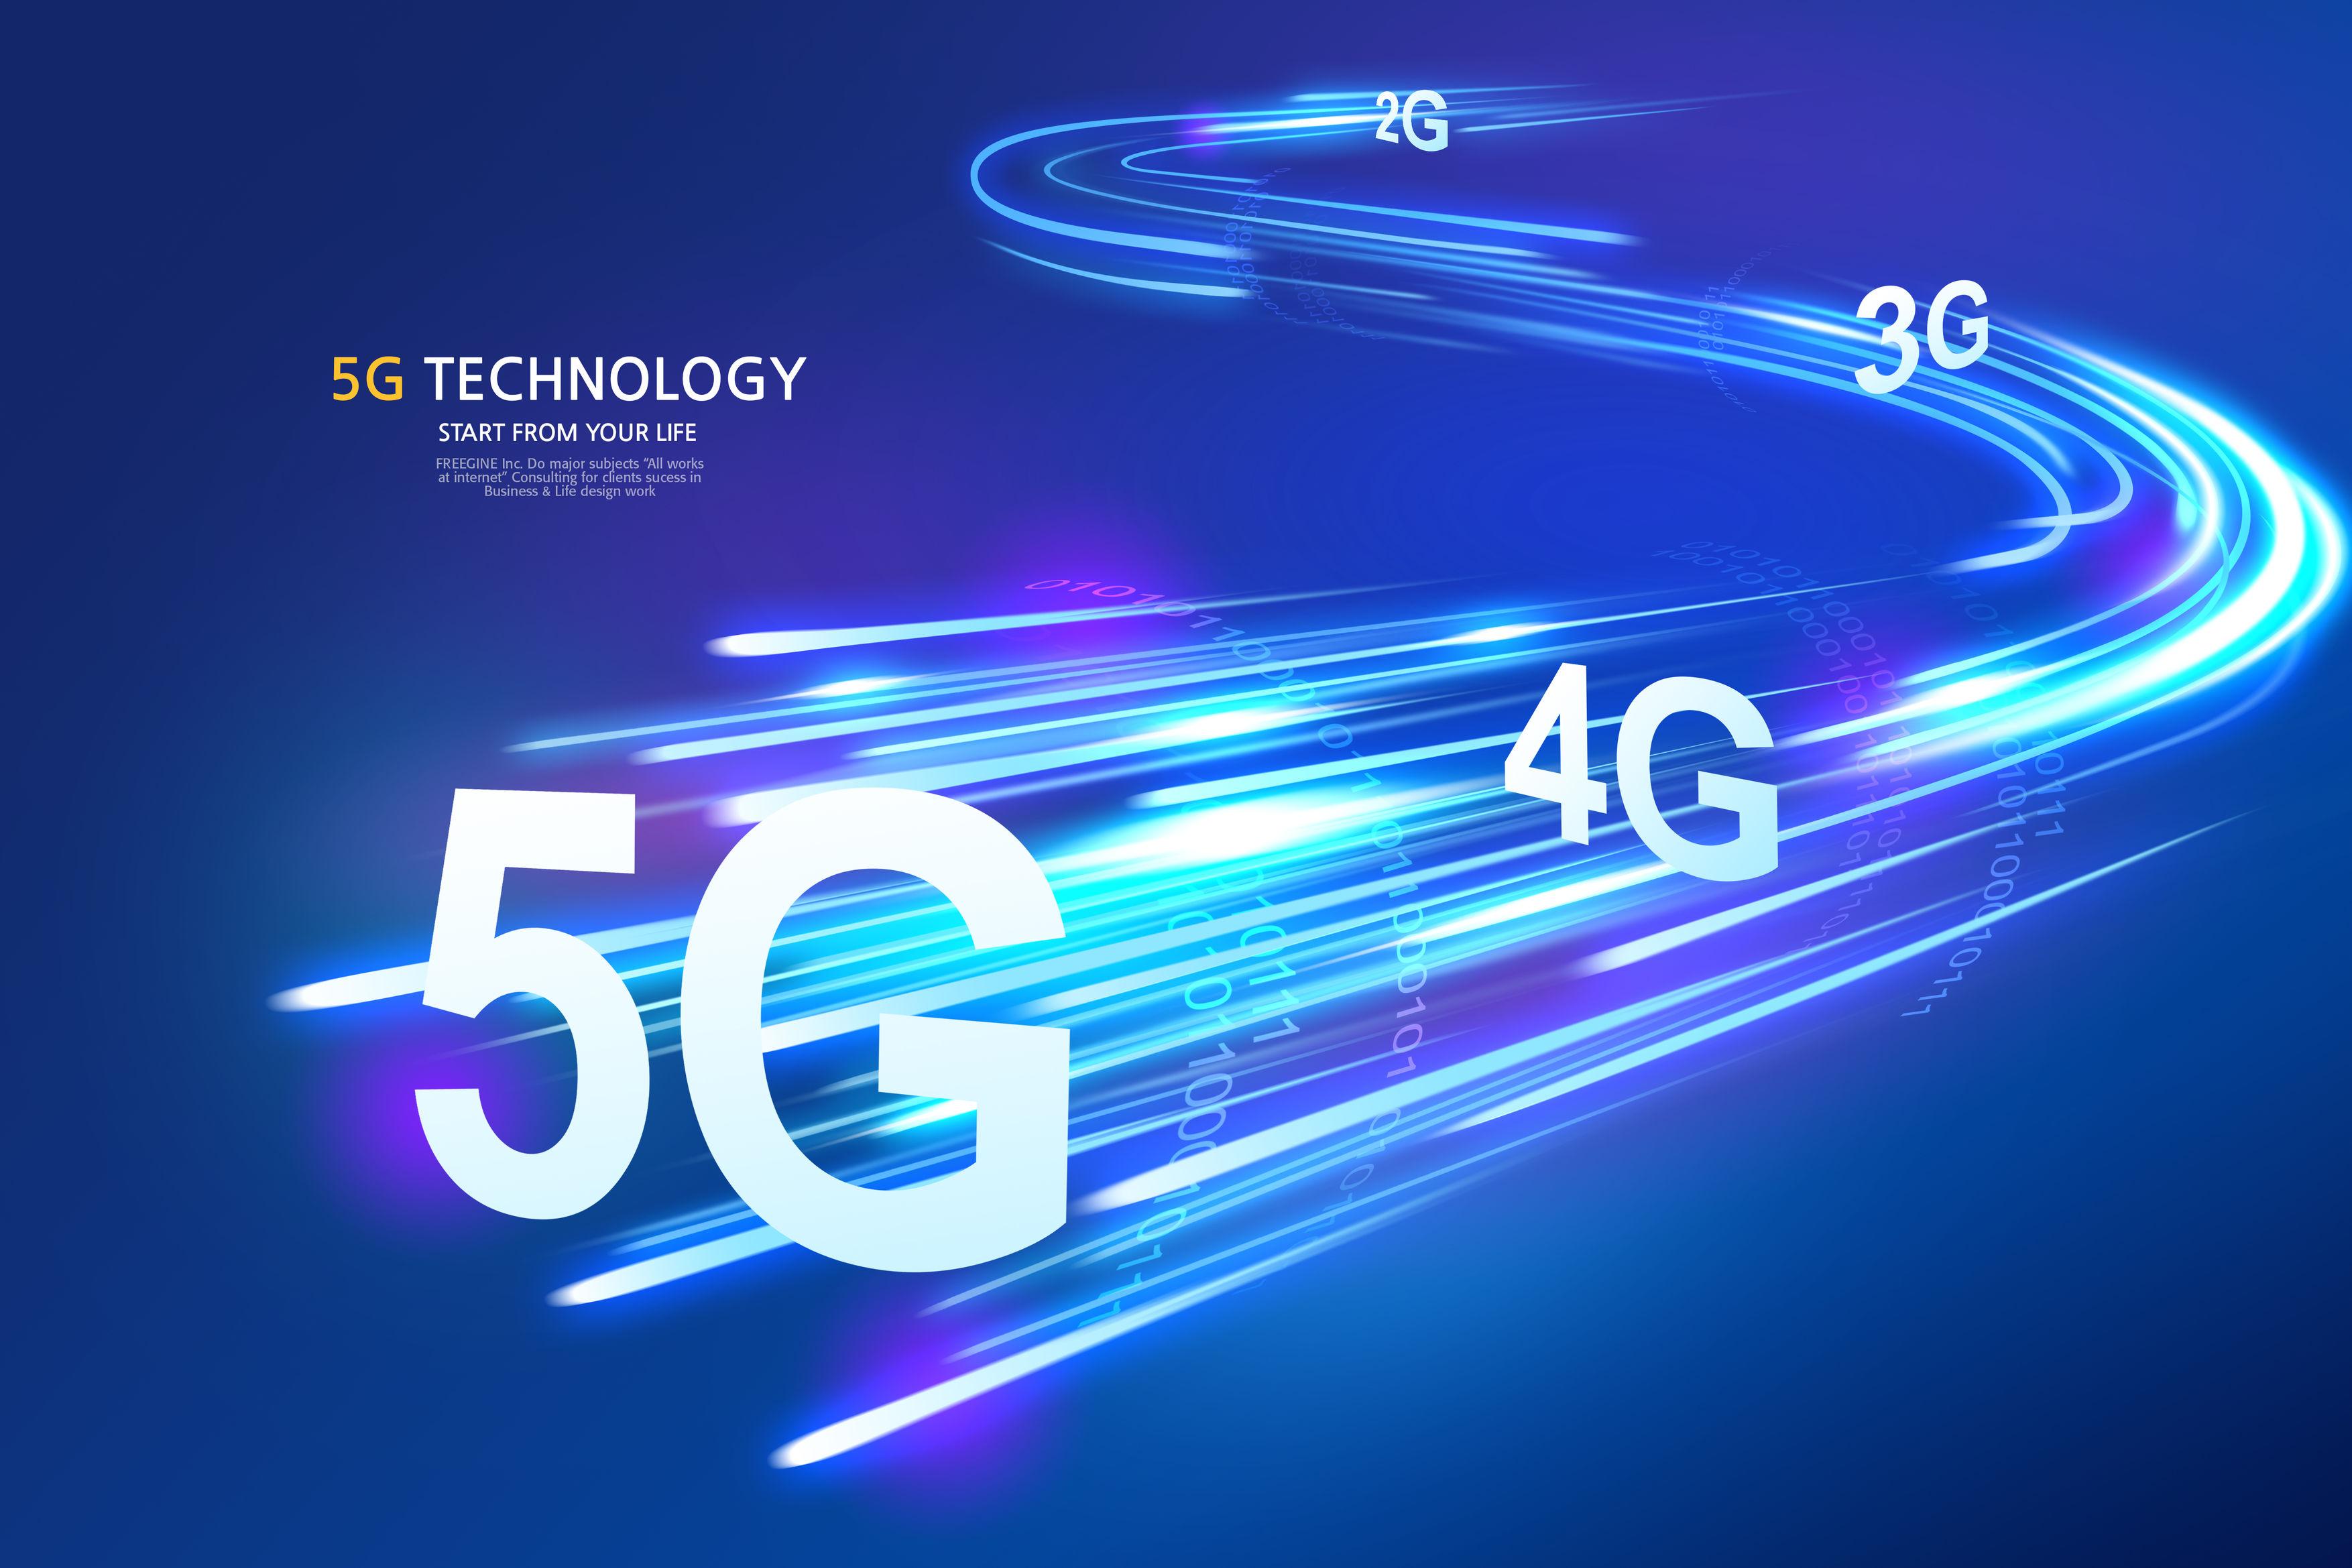 叩打门环的5G 毫不退让的未来